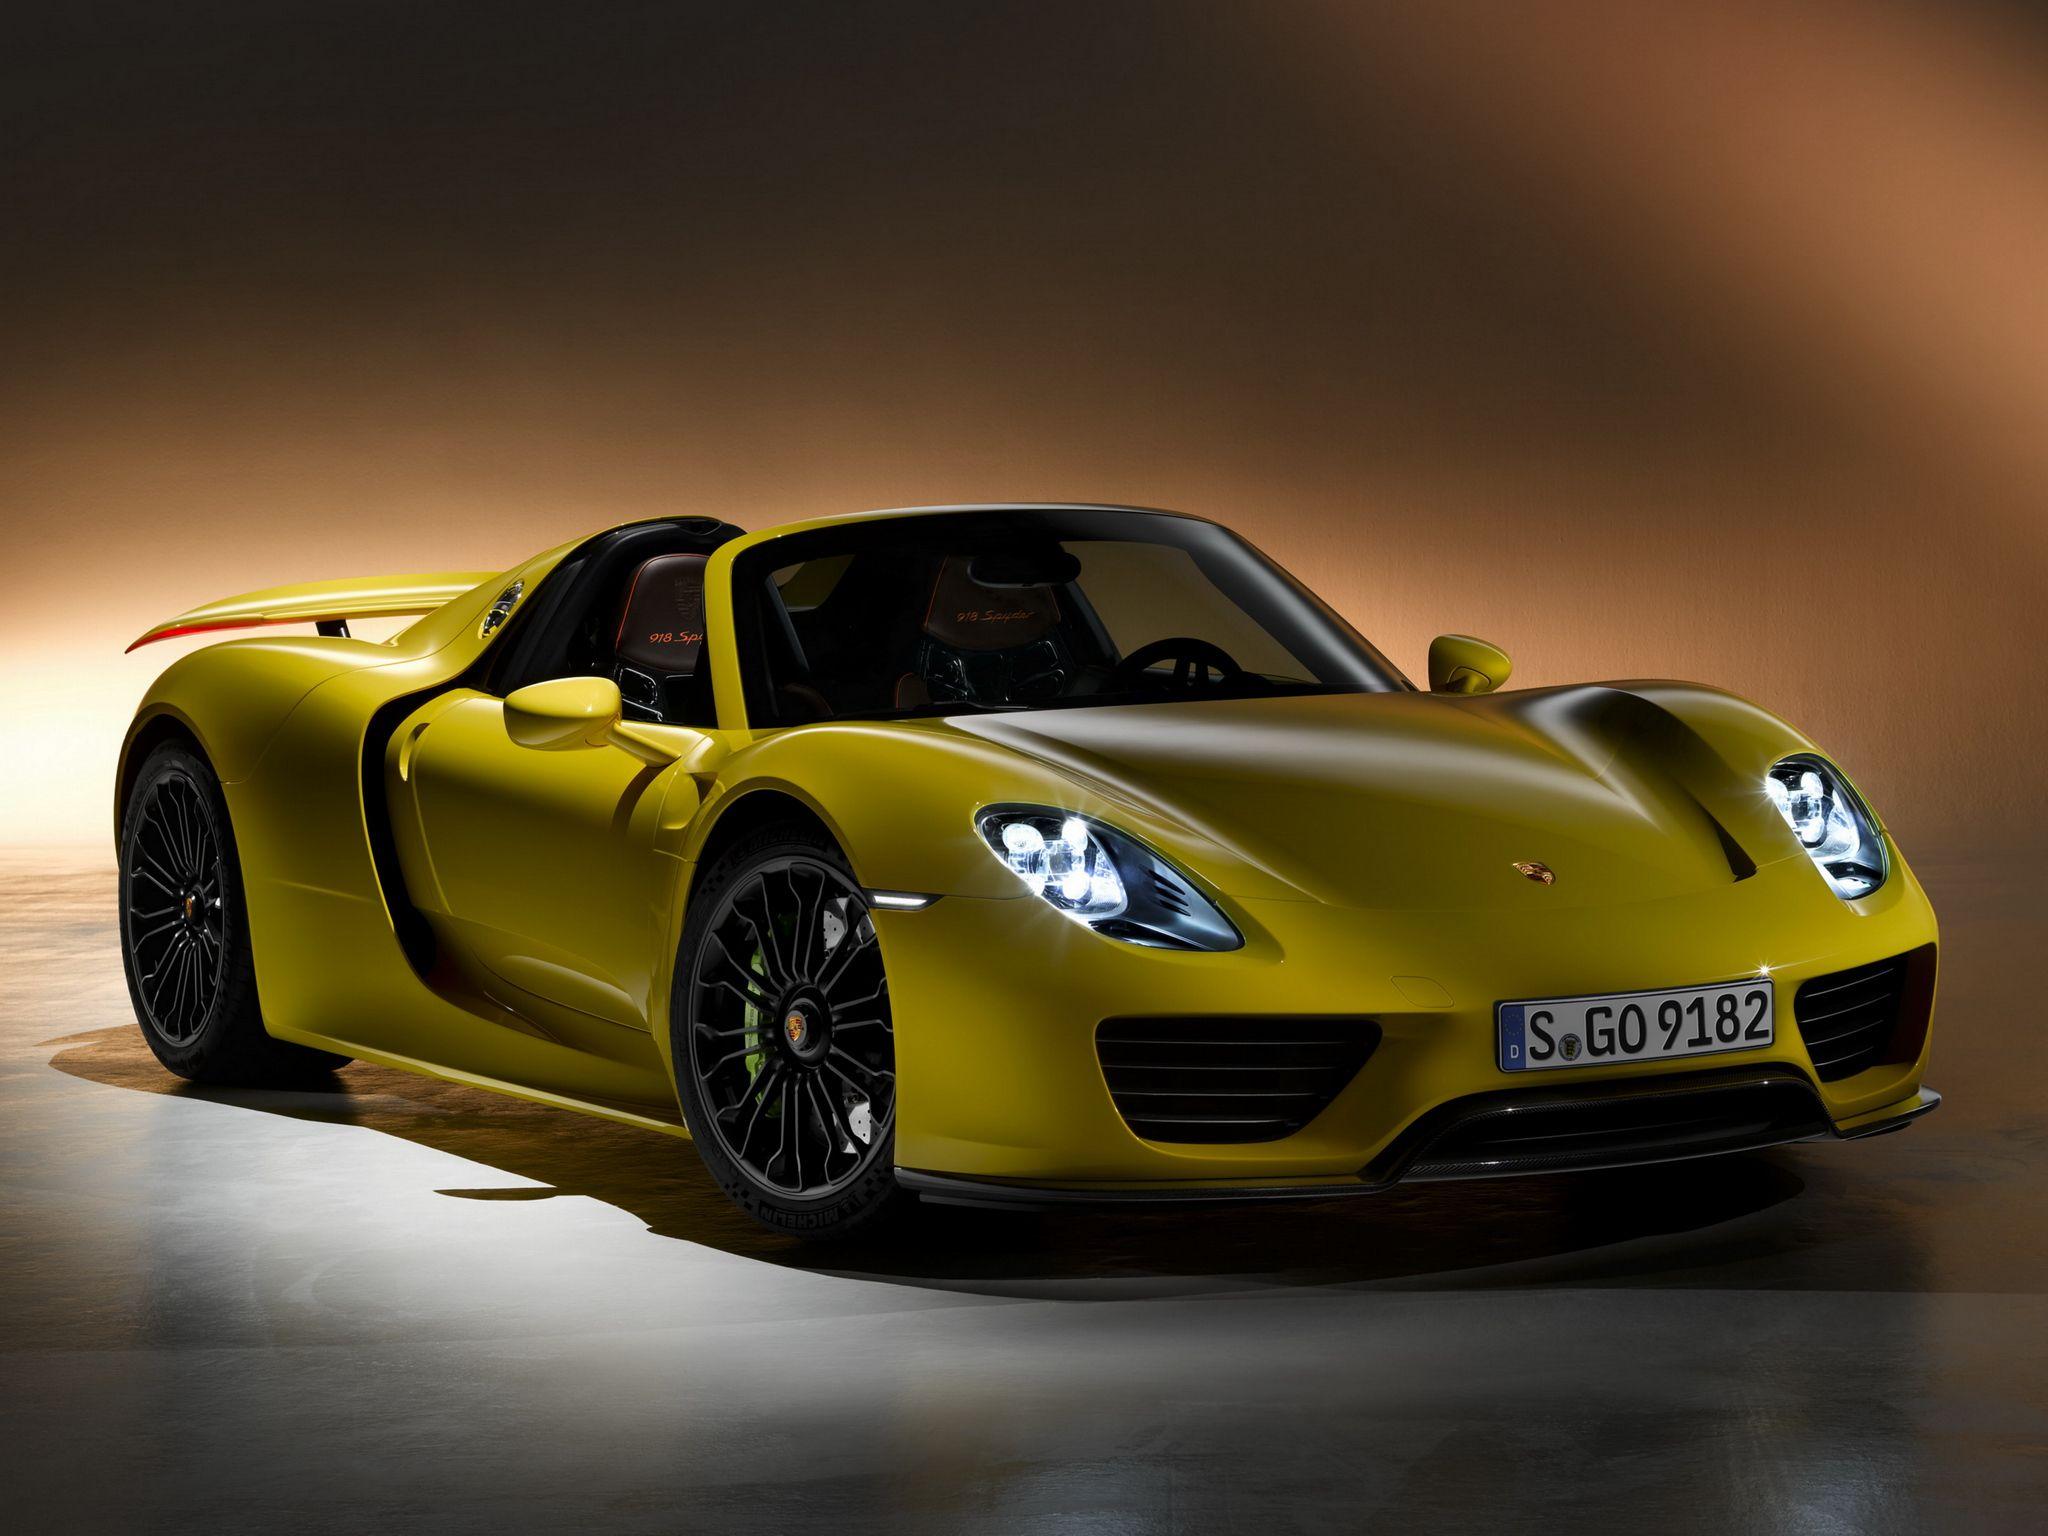 d6e353d9cdb69e841918c7498e91af3a Stunning Ficha Tecnica Porsche 918 Spyder Concept Cars Trend